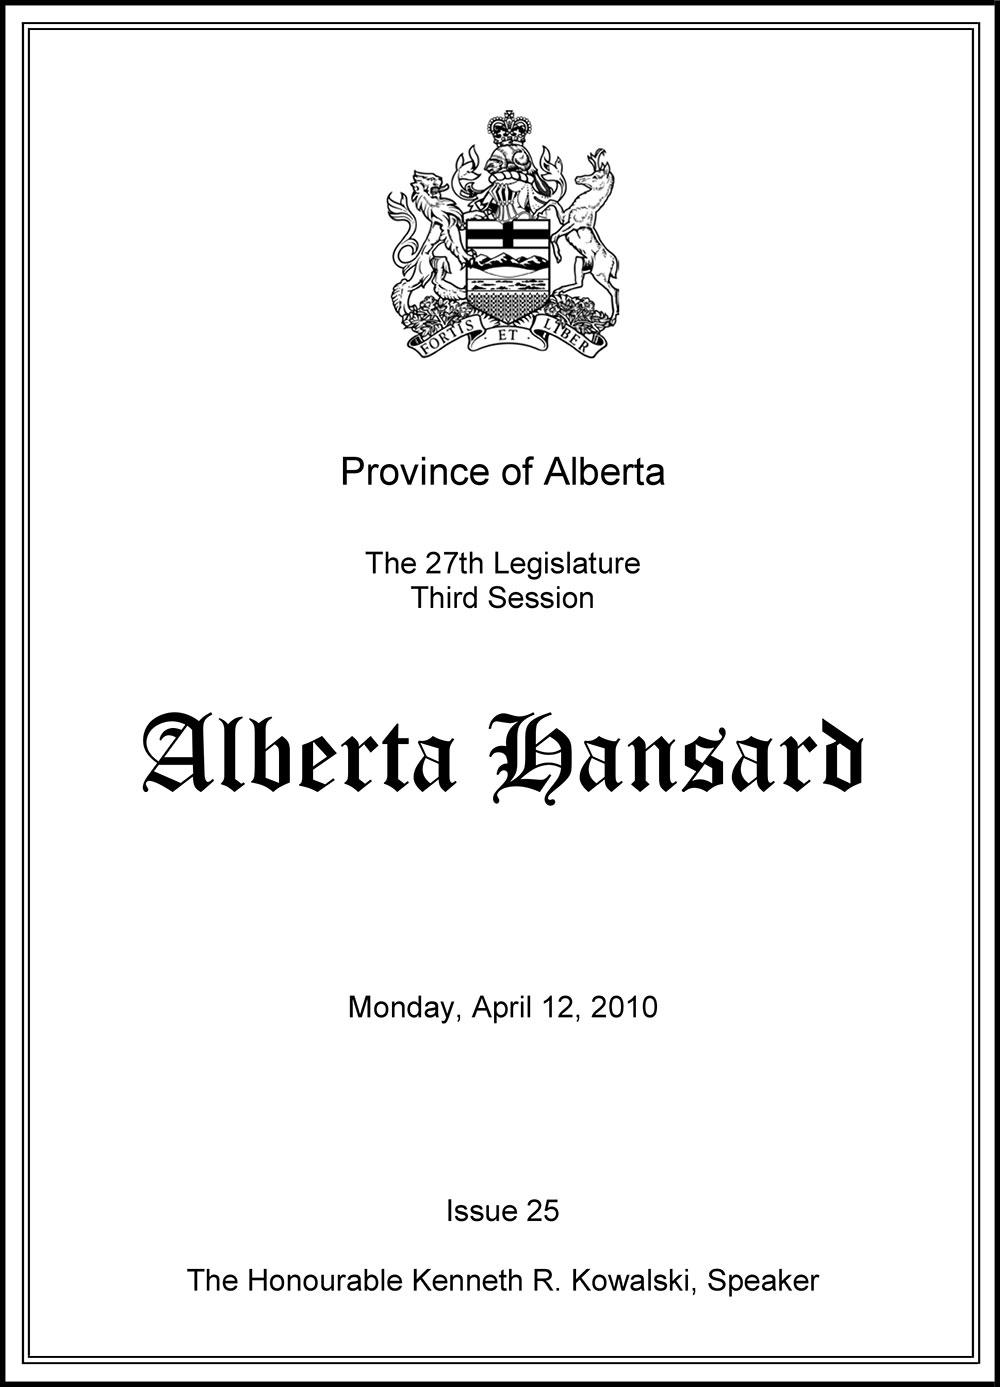 Alberta Hansard Monday, April 12, 2012